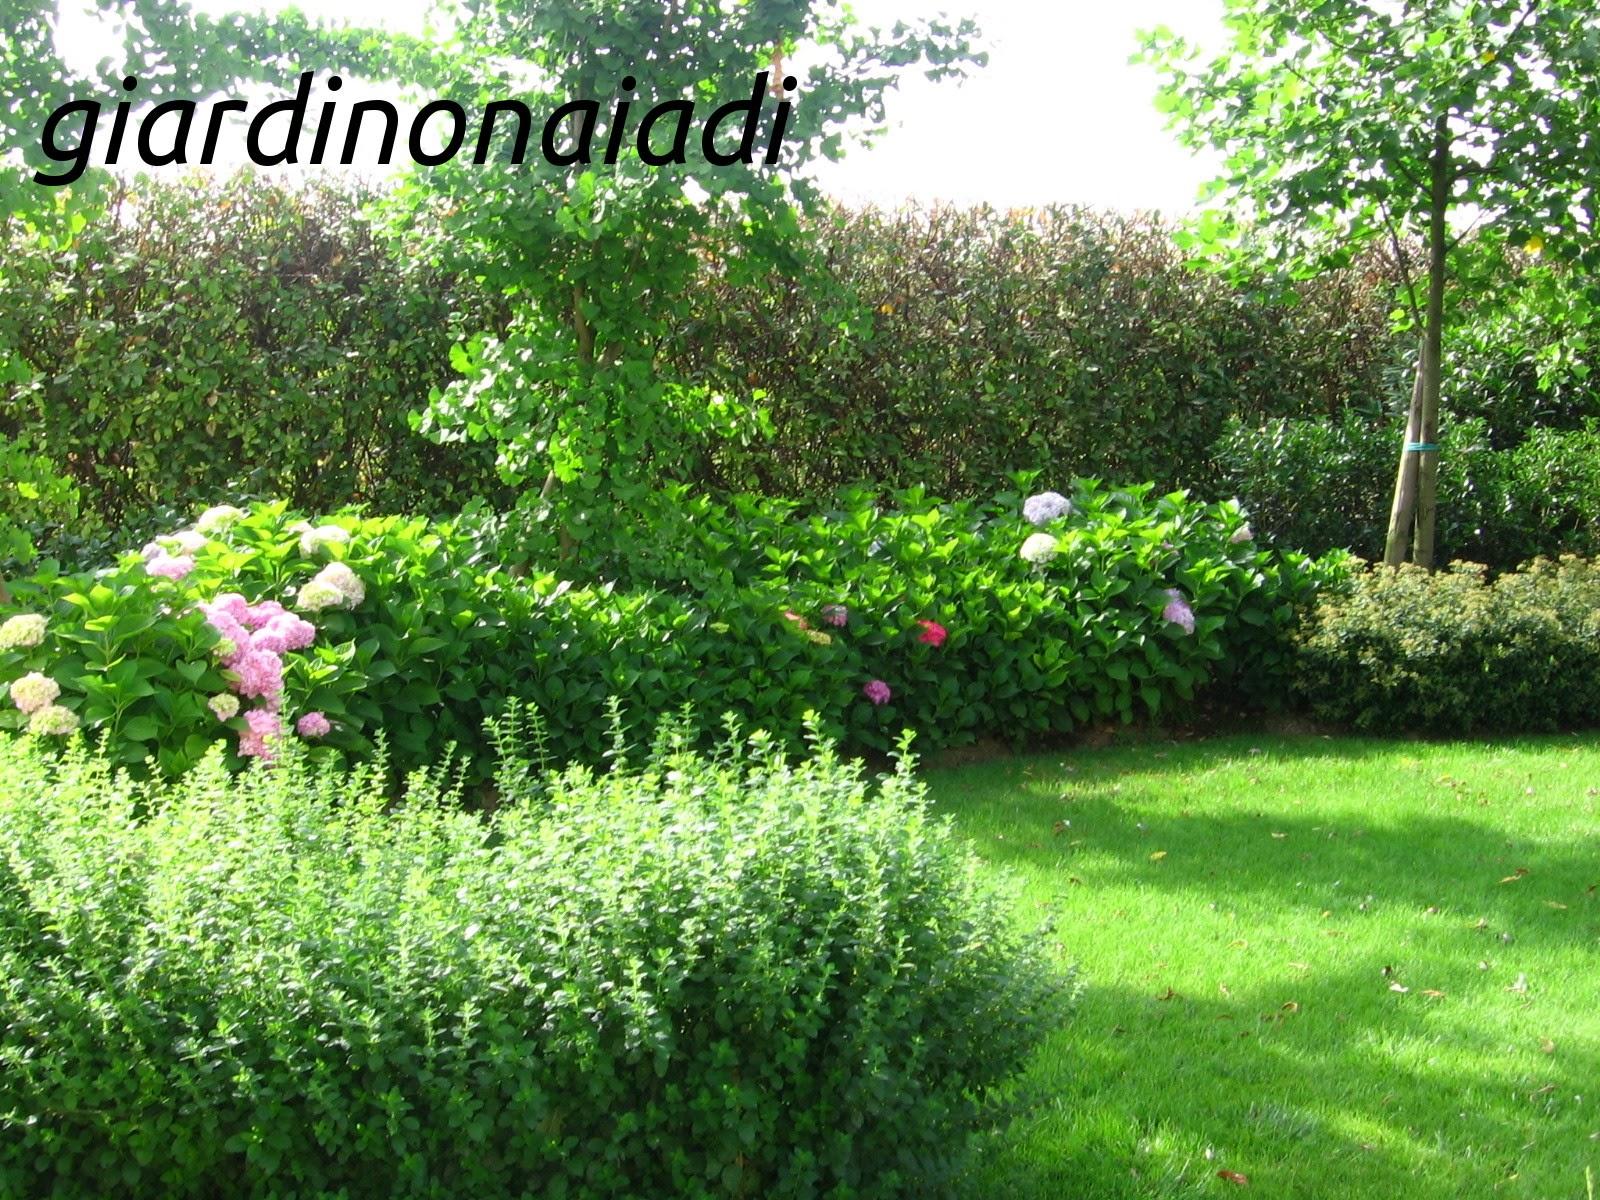 Il giardino delle naiadi progettare bordure e aiuole for Progettazione aiuole